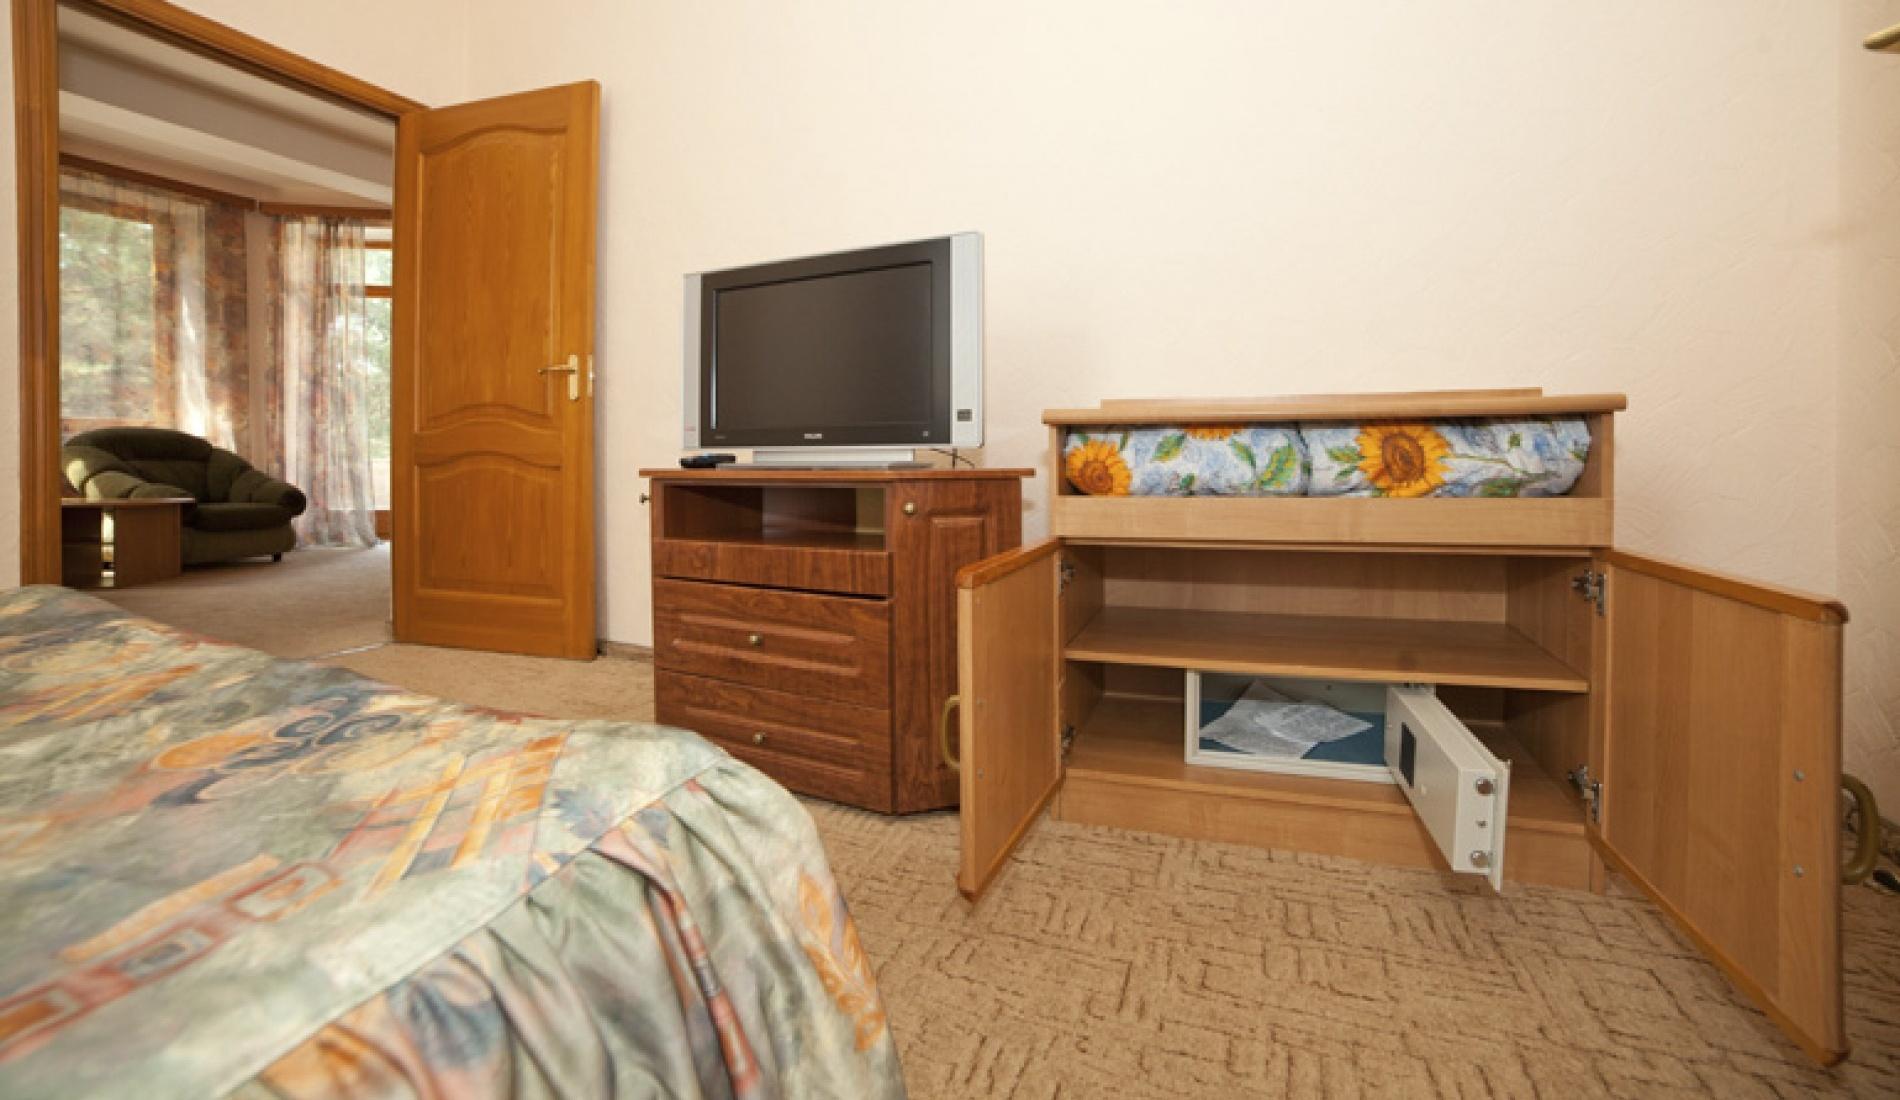 База отдыха «Улыбка» Белгородская область Номер «Люкс 2-комнатный с джакузи» в коттедже, фото 2